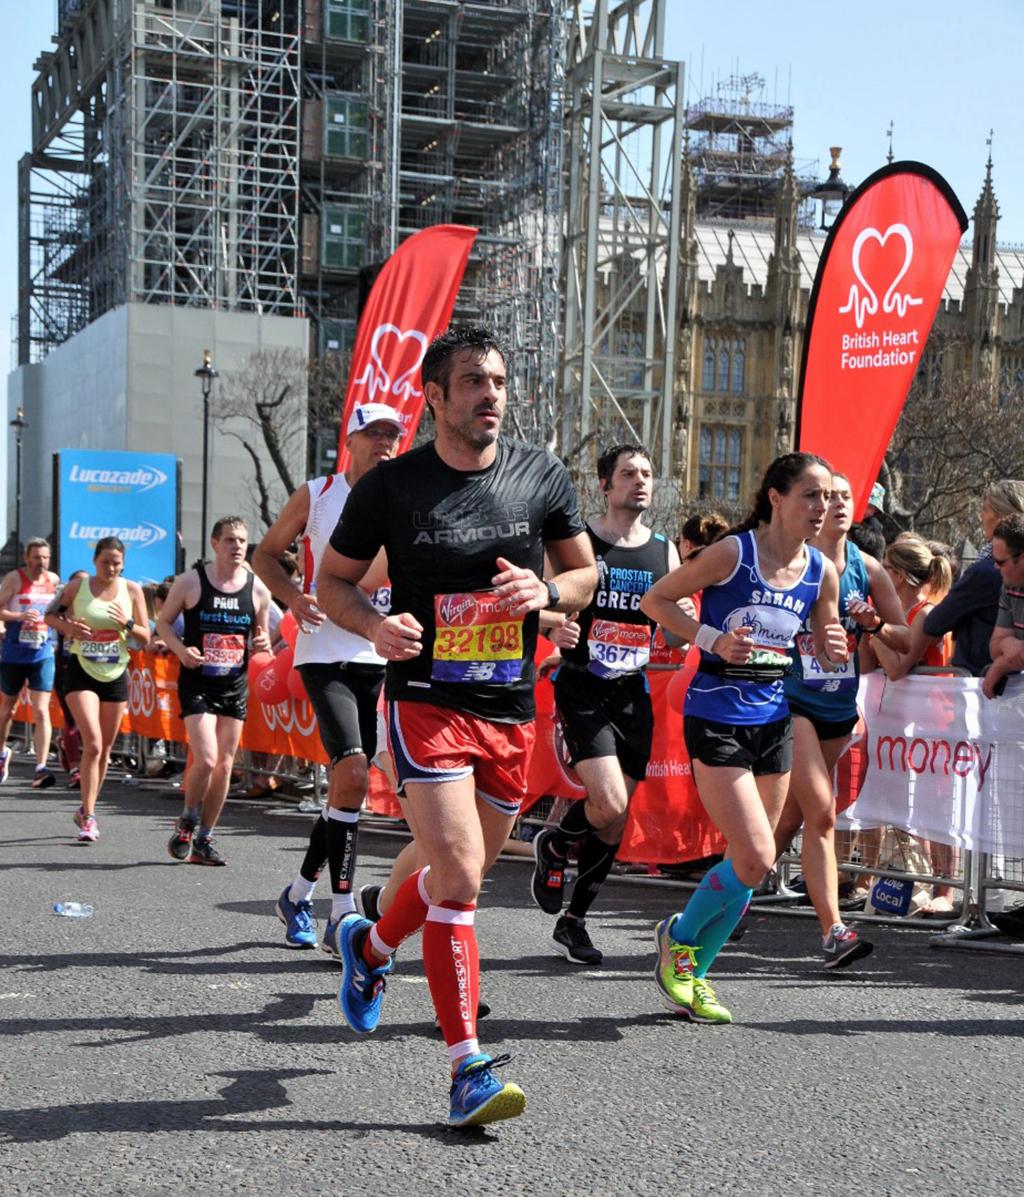 maratón de Londres maratón de londres - london marathon maraton de londres 2019 03 - Correr el Maratón de Londres: análisis, recorrido y recomendaciones de viaje.